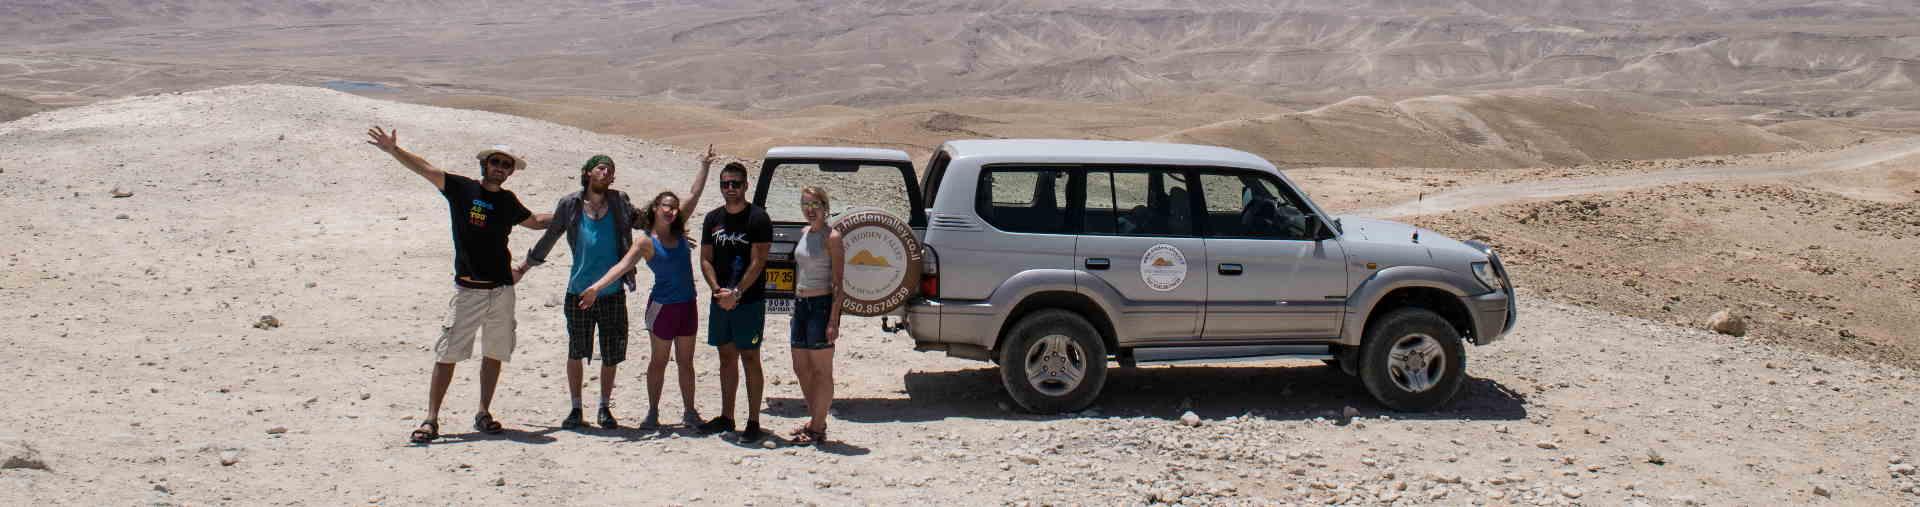 בסיור ג'יפים במדבר יהודה